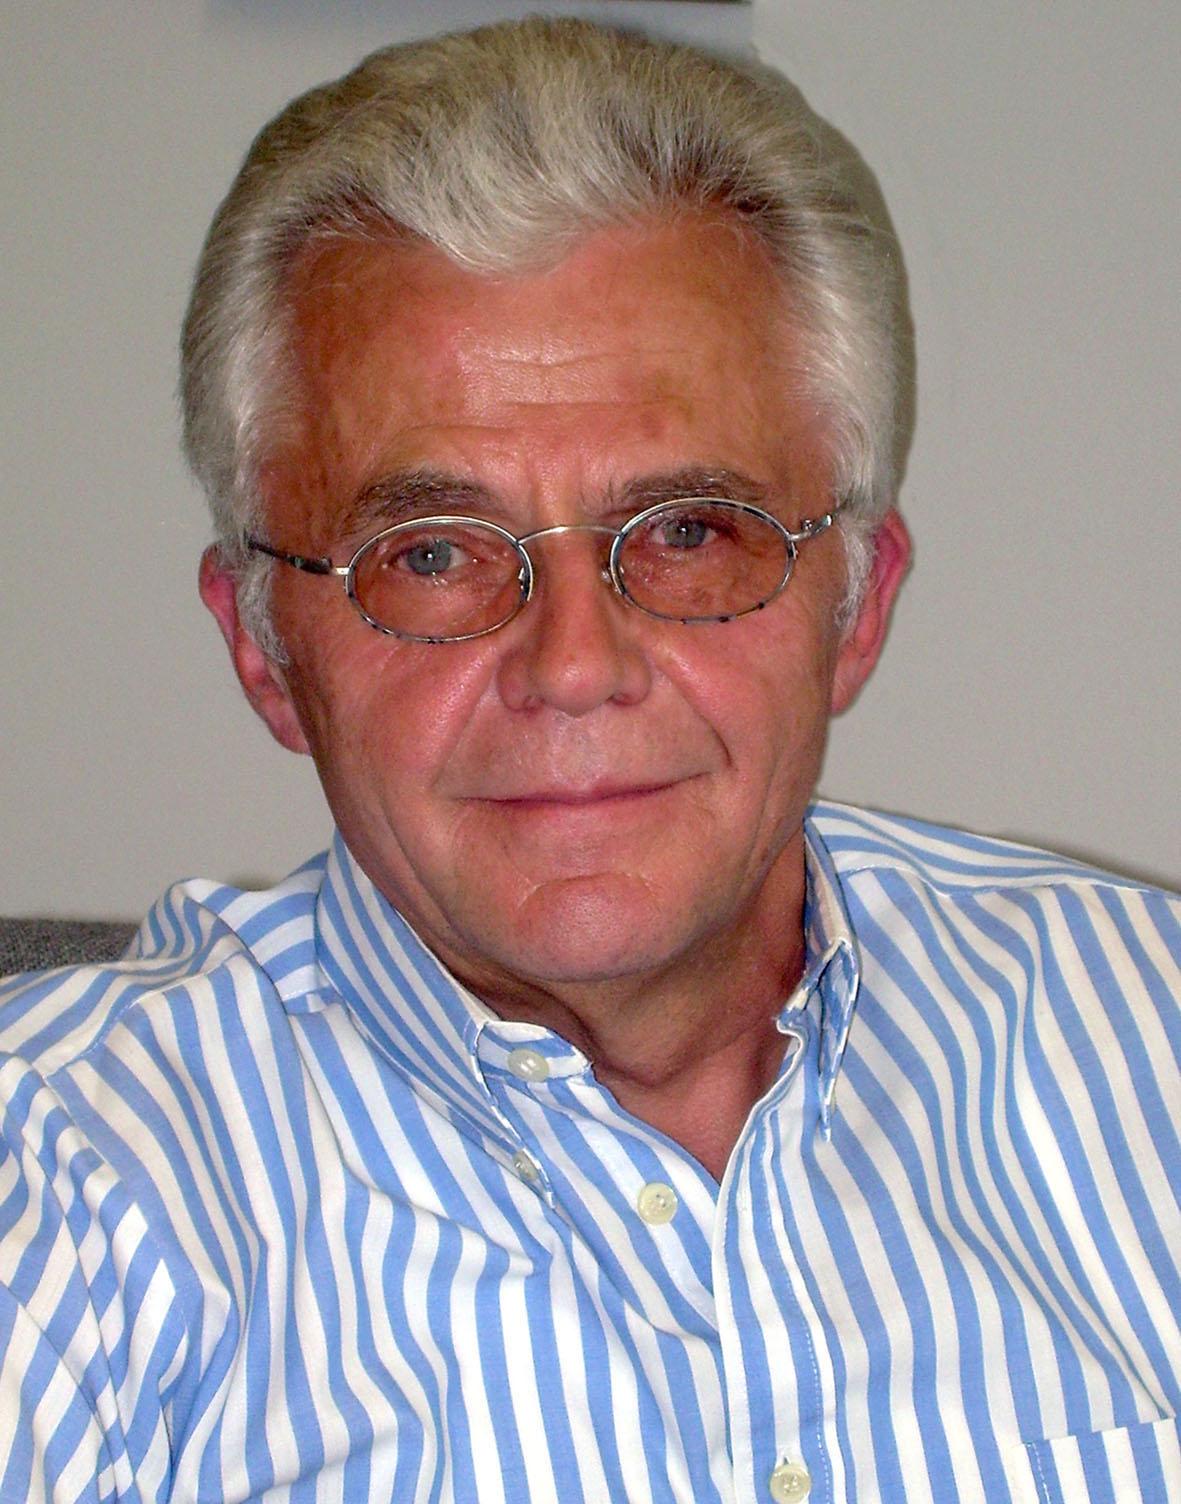 Prof. Zellner